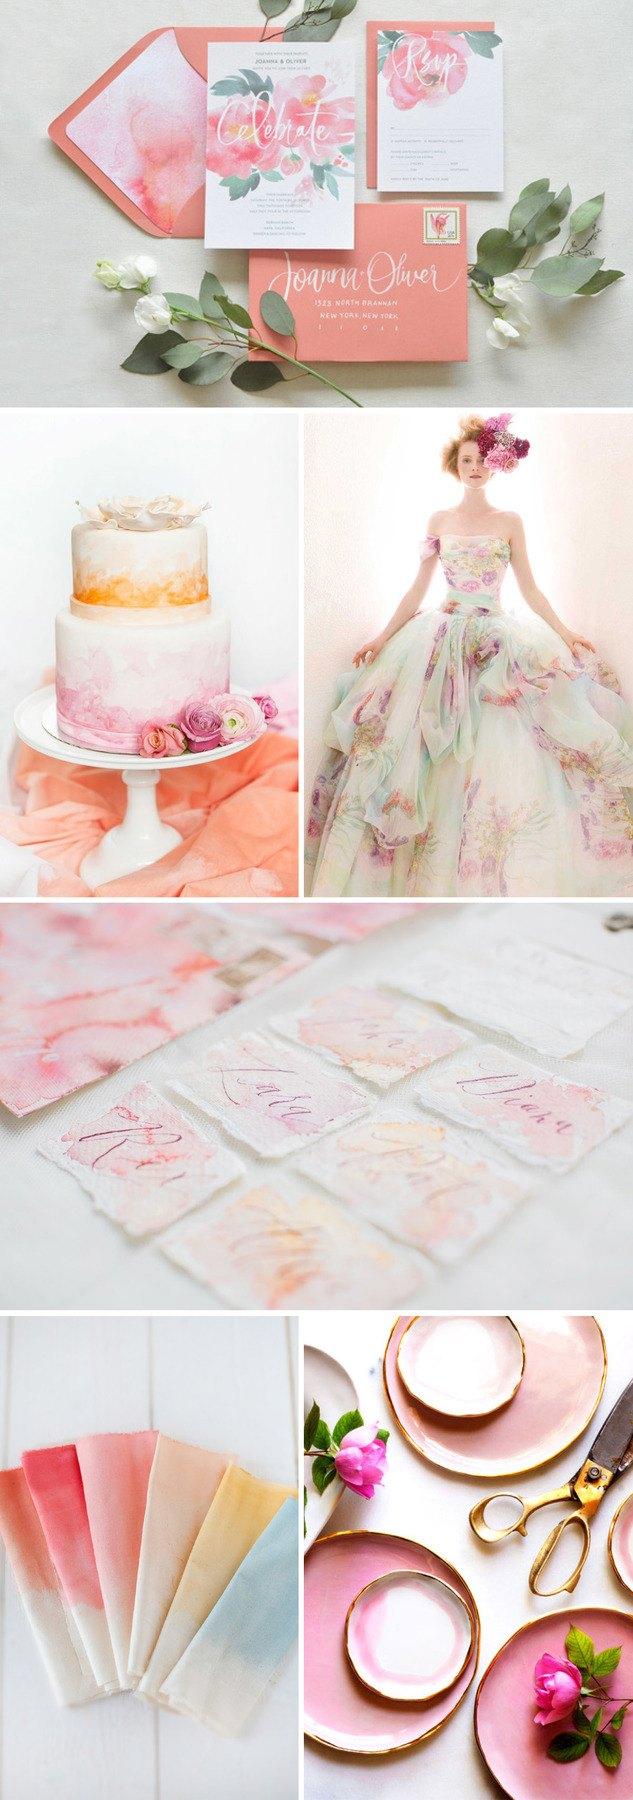 Nuage Designs Watercolor Wedding2